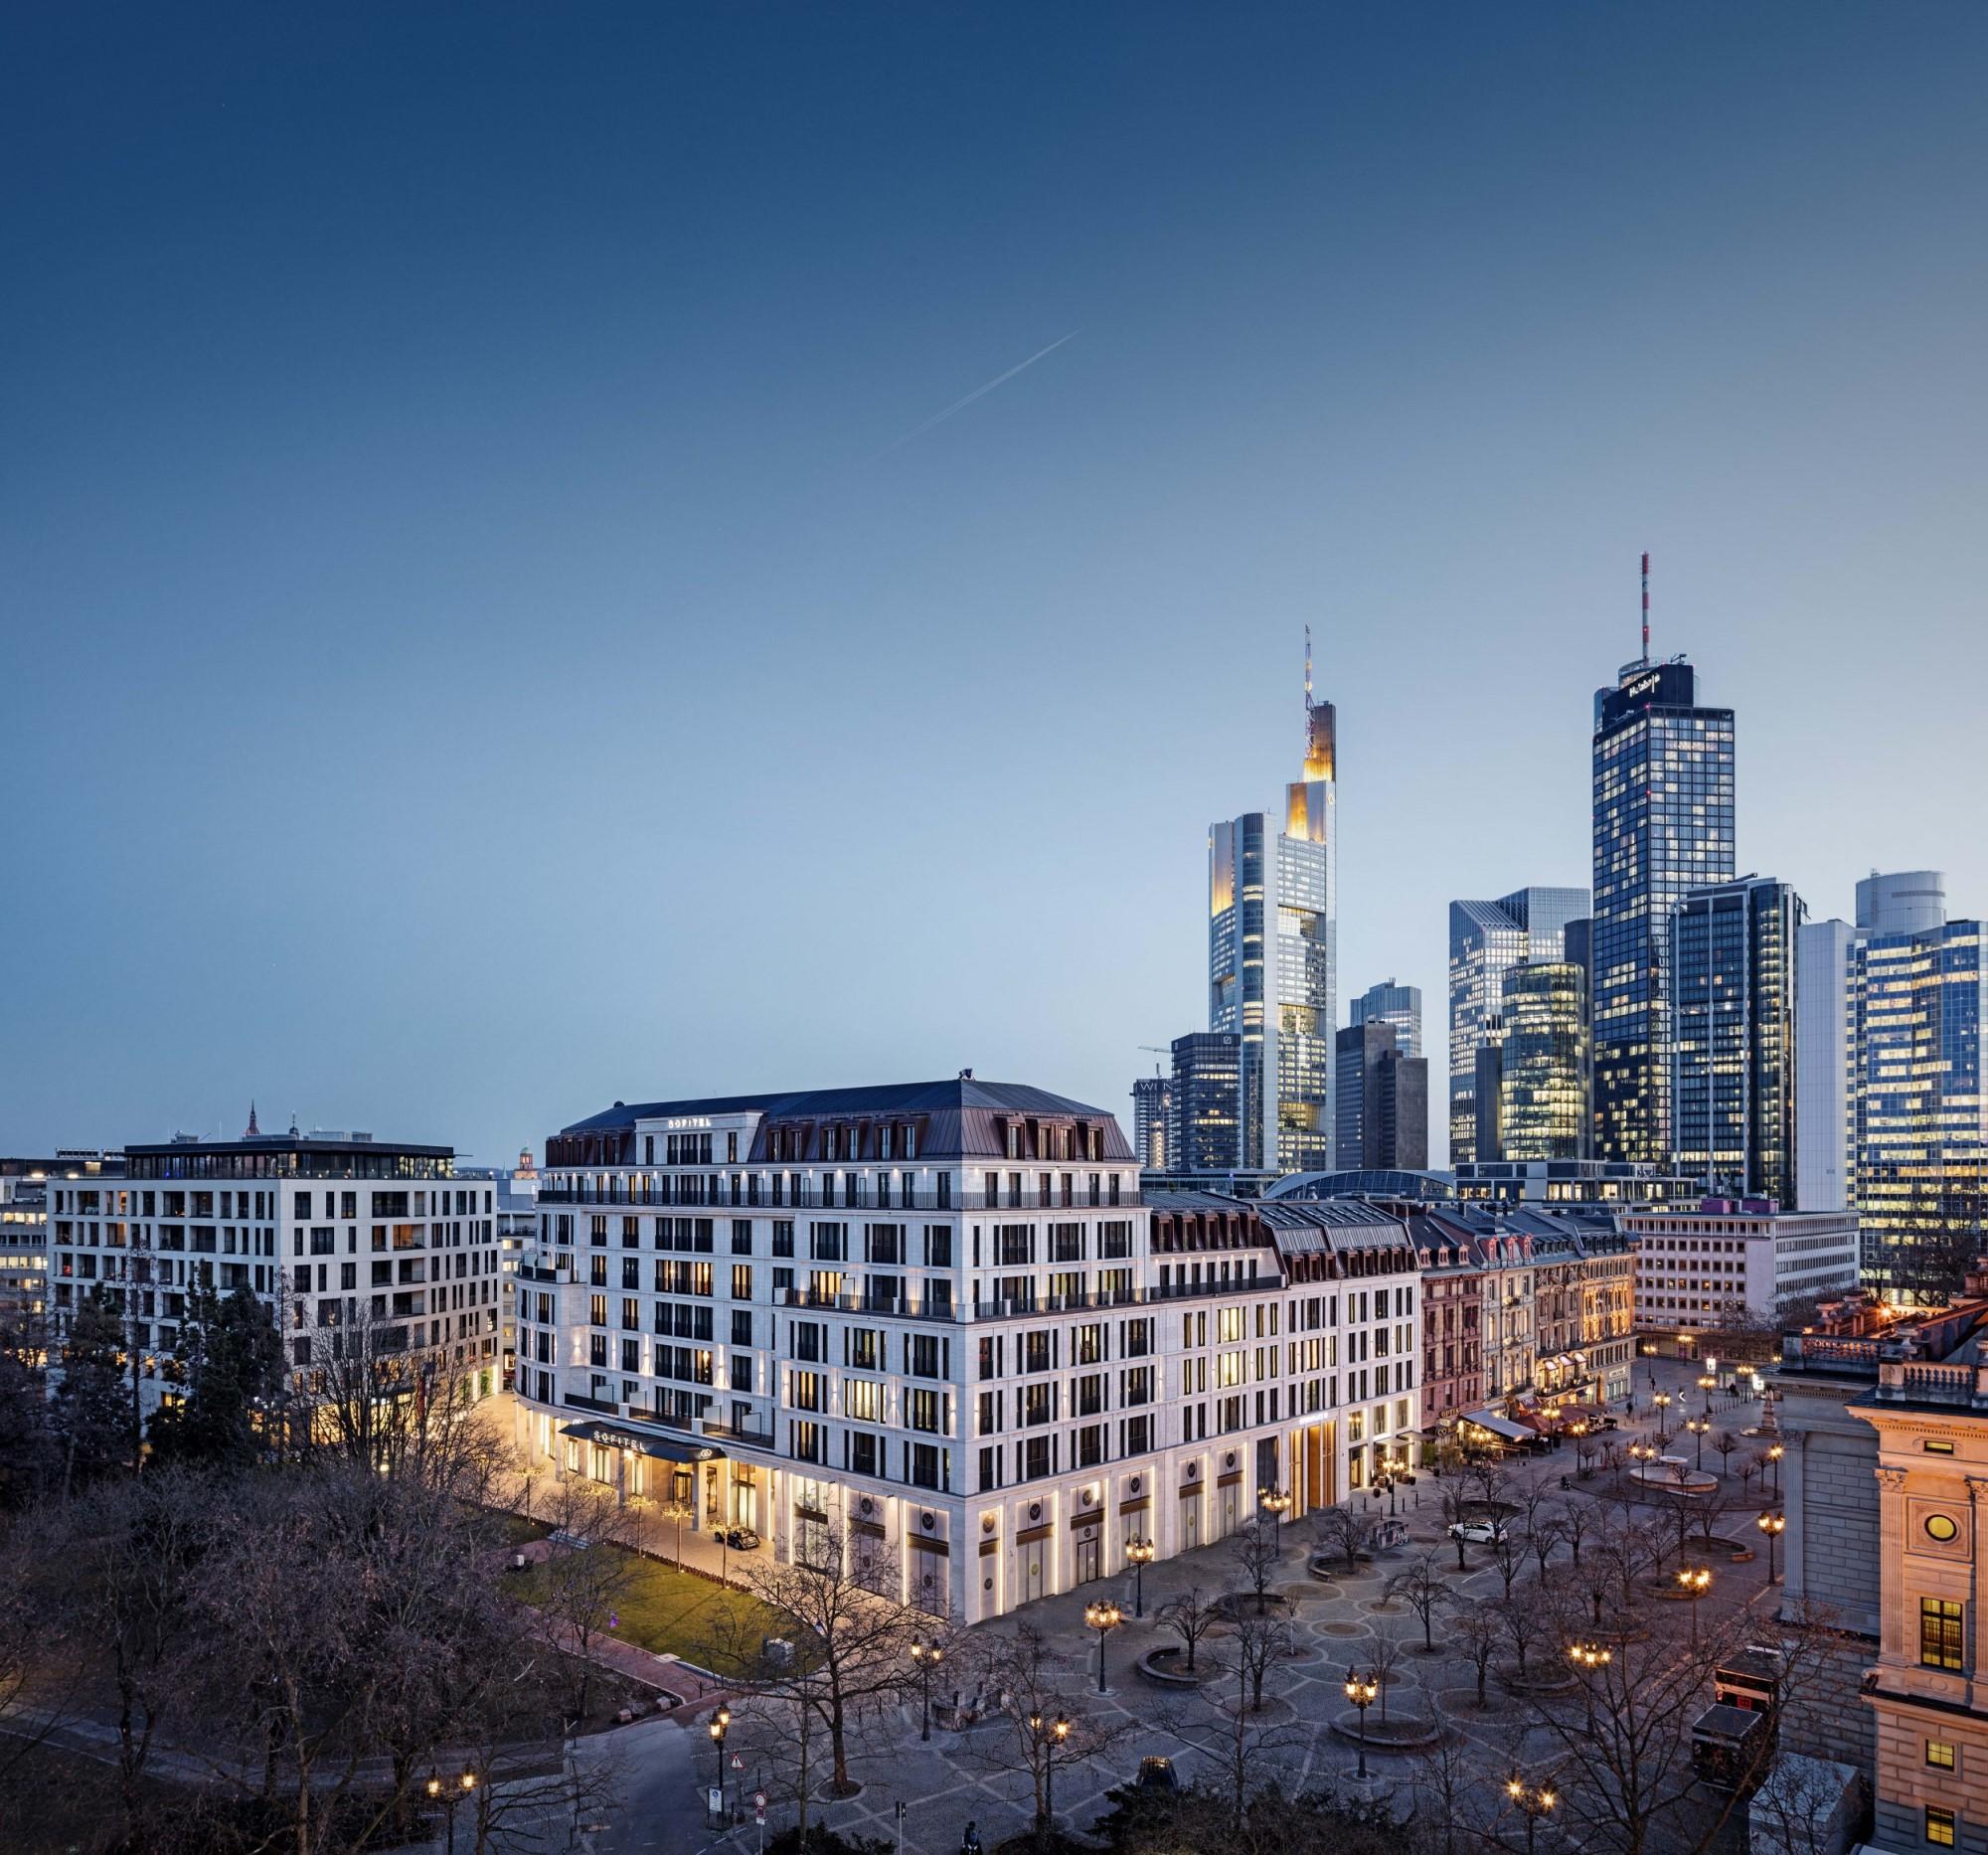 Der Opernplatz mit Skyline-Blick